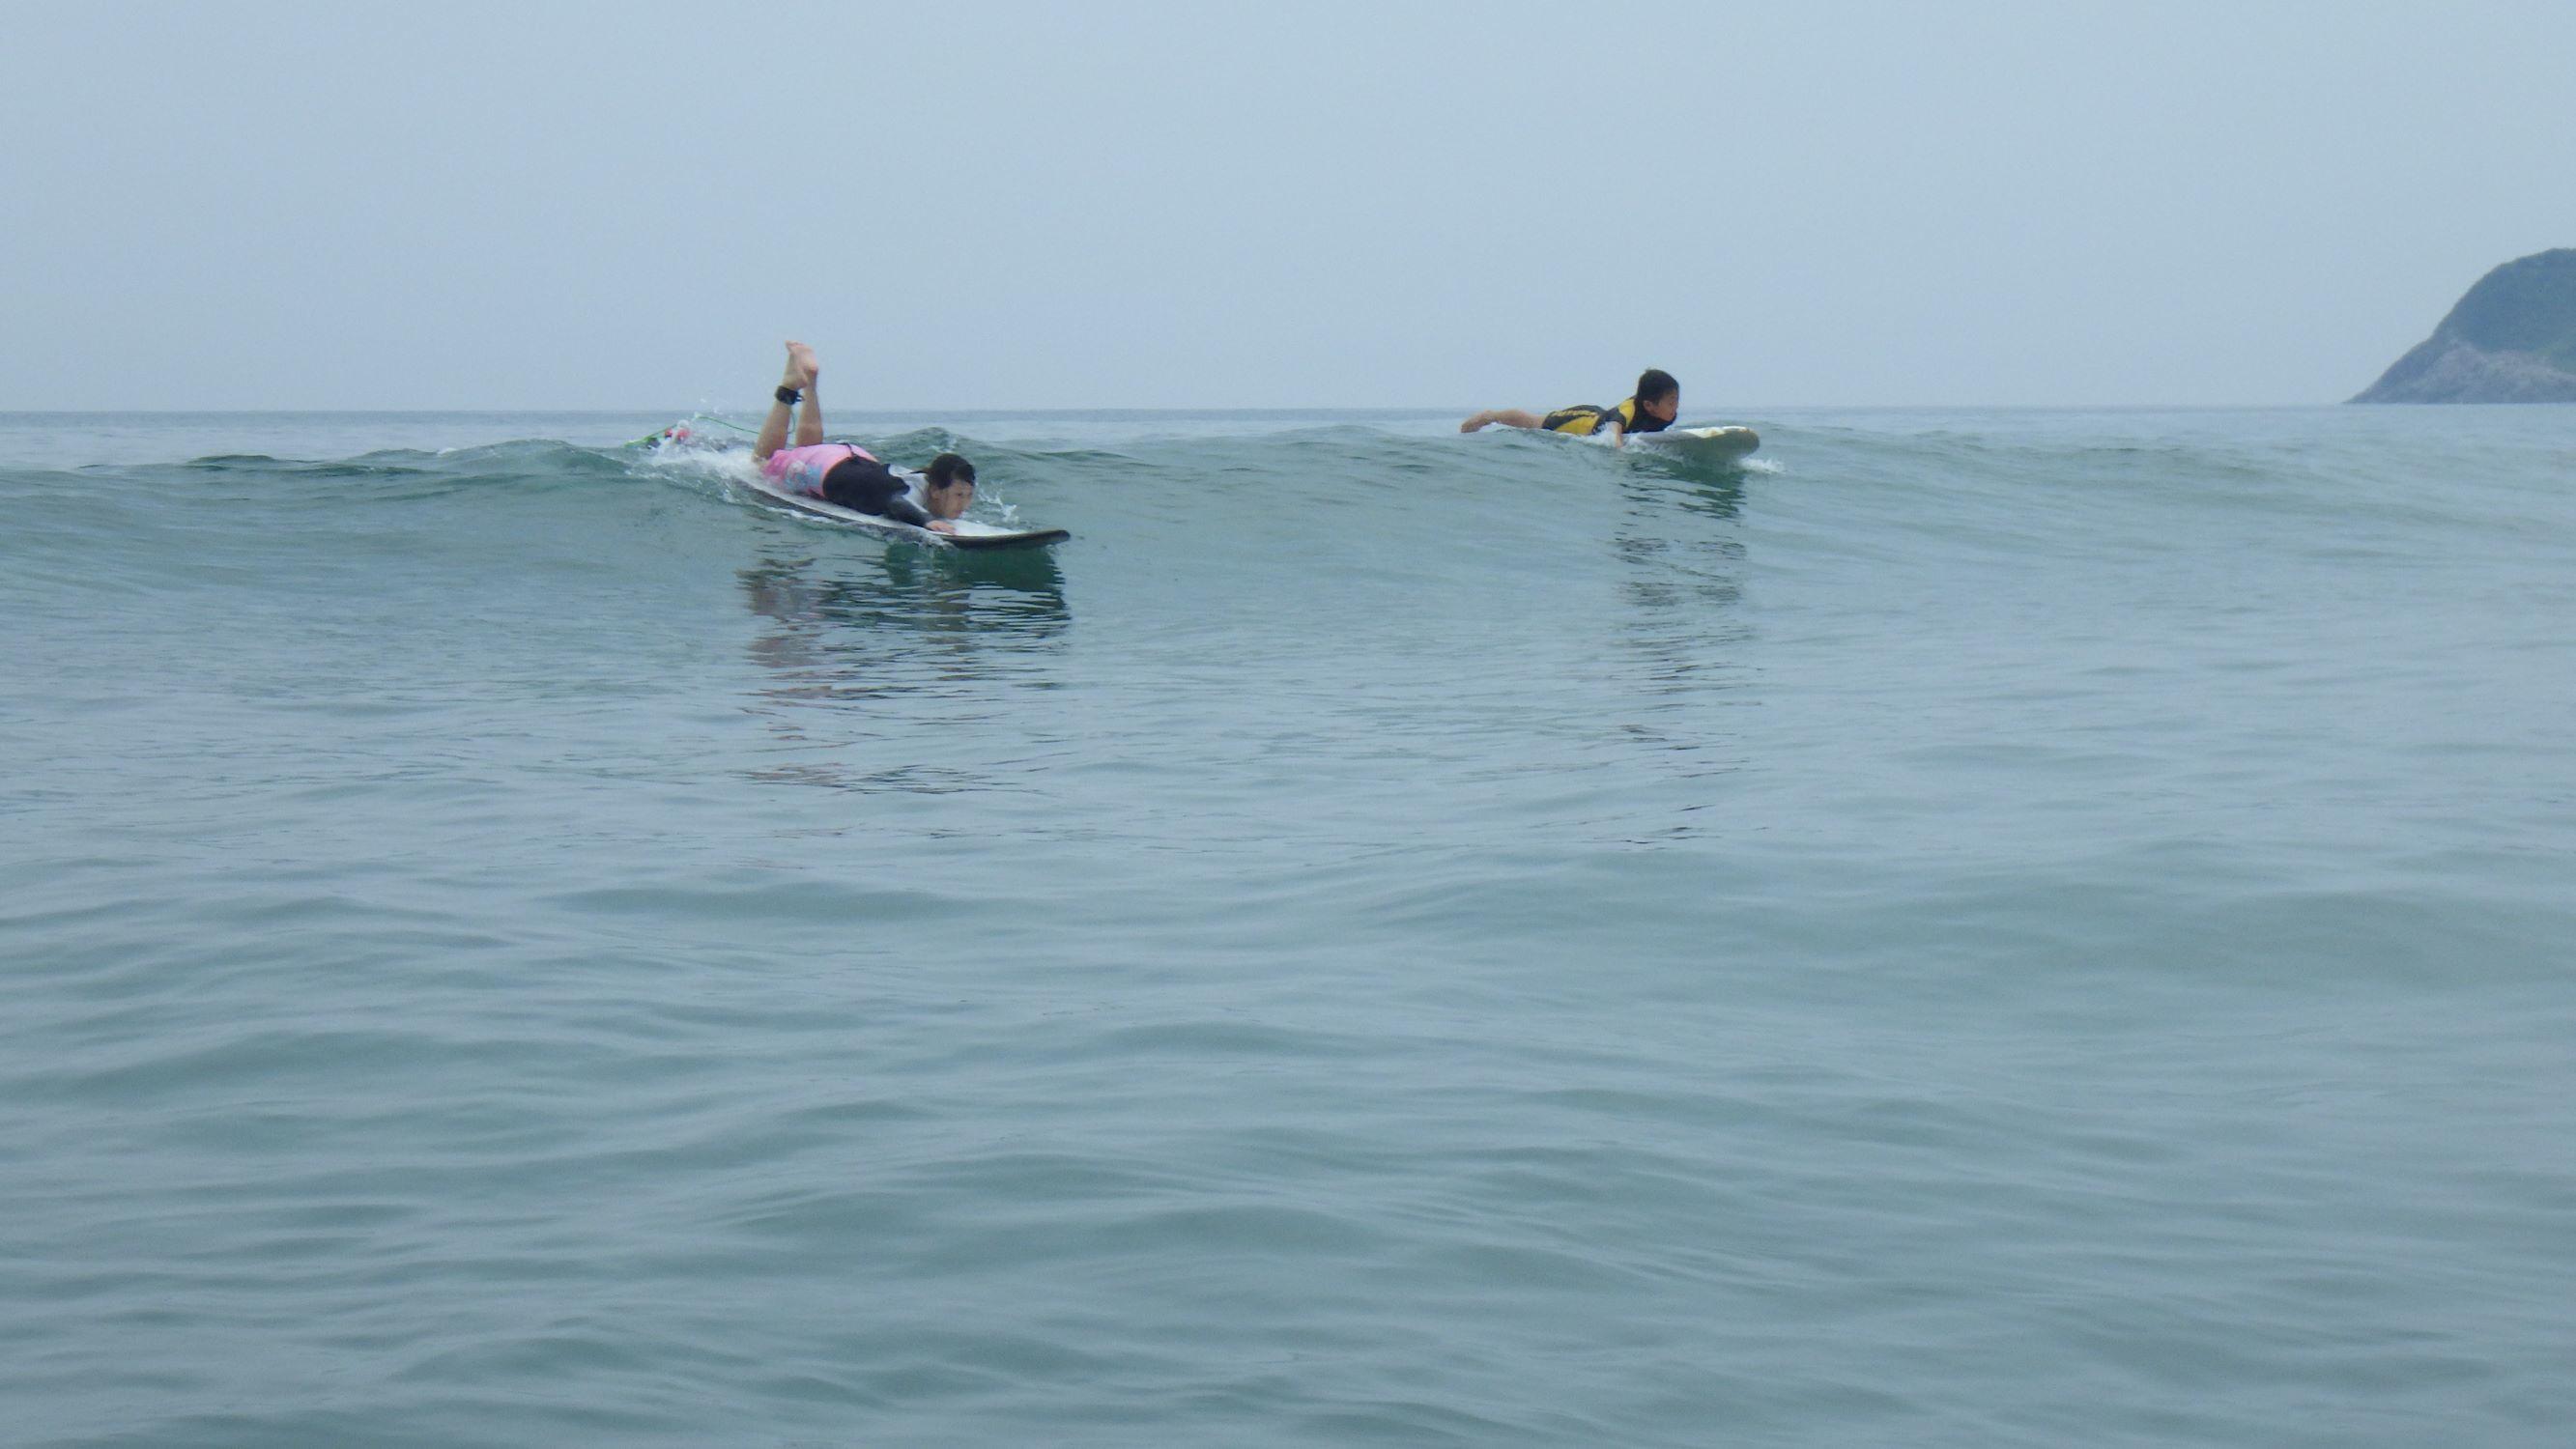 お母さんと一緒にサーフィンを楽しもう_f0009169_07373186.jpg